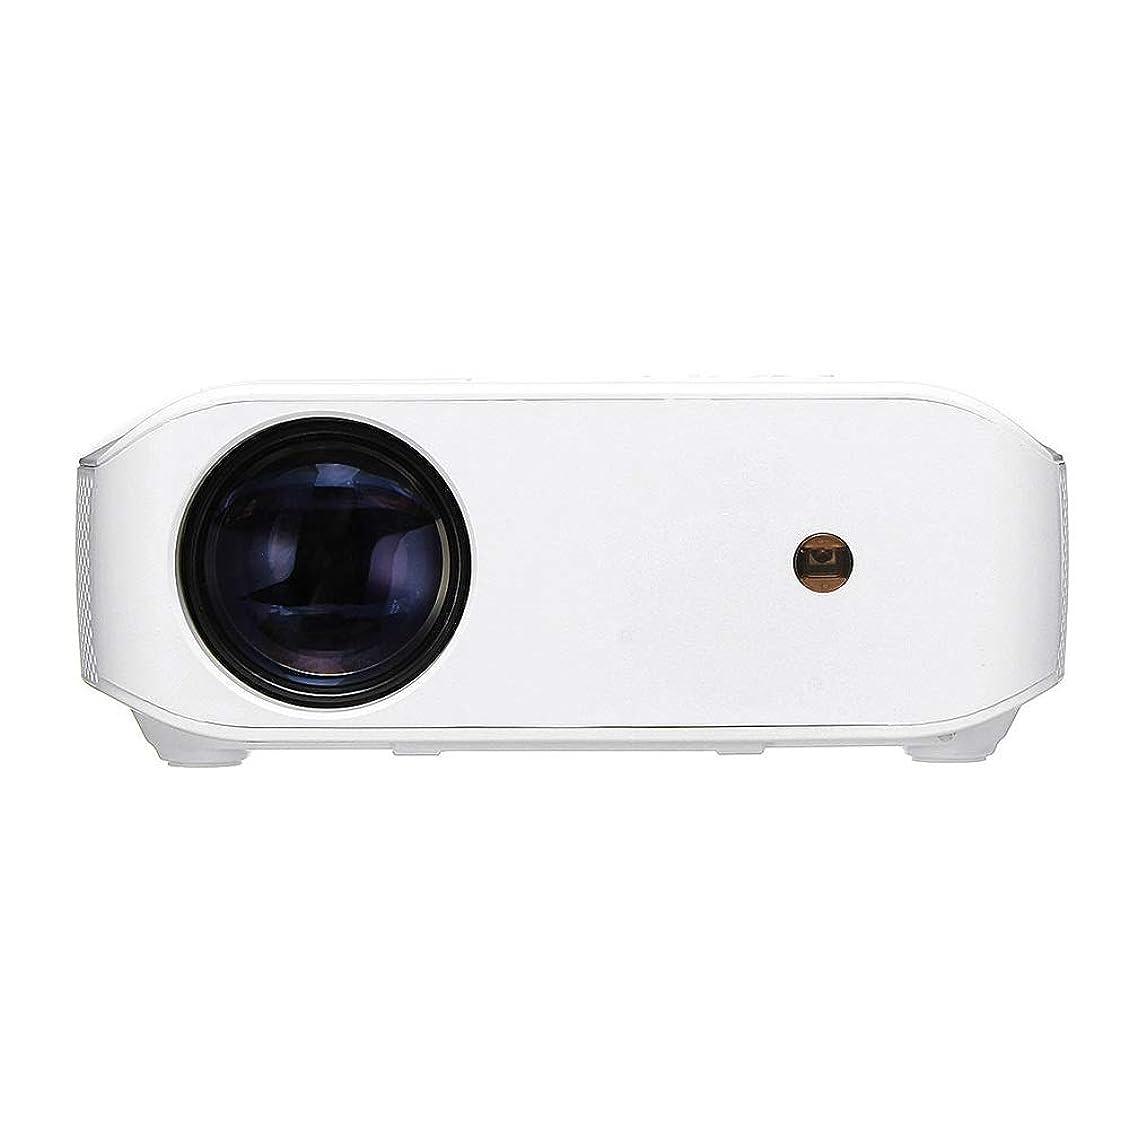 コマース社員本物のプロジェクター エンターテインメント教育のためのAndroidのバージョンLCDプロジェクター小型LEDプロジェクター データプロジェクター (色 : 白, サイズ : ワンサイズ)